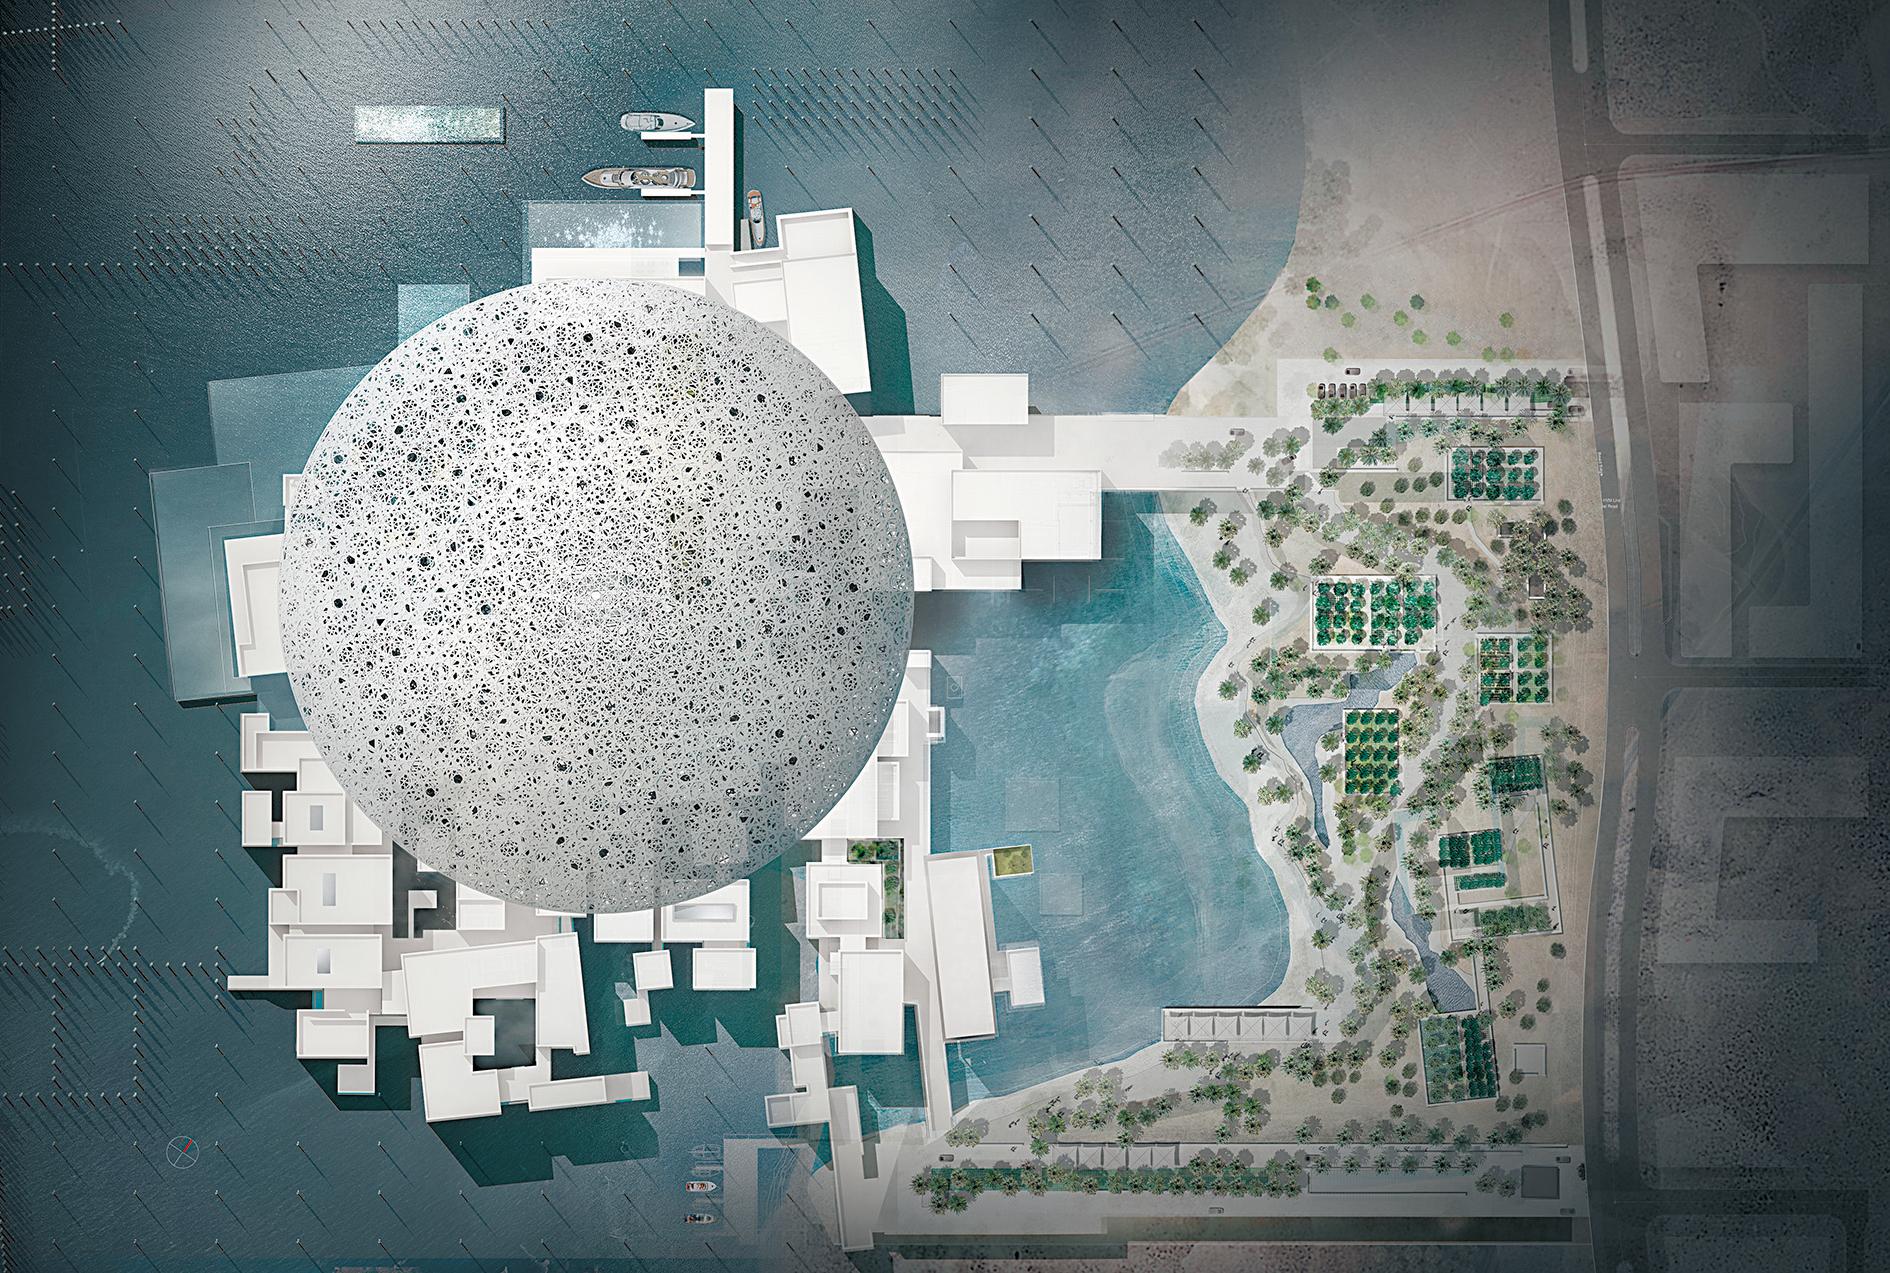 Проект музея (вид сверху). Источник https://www.detail-online.com/